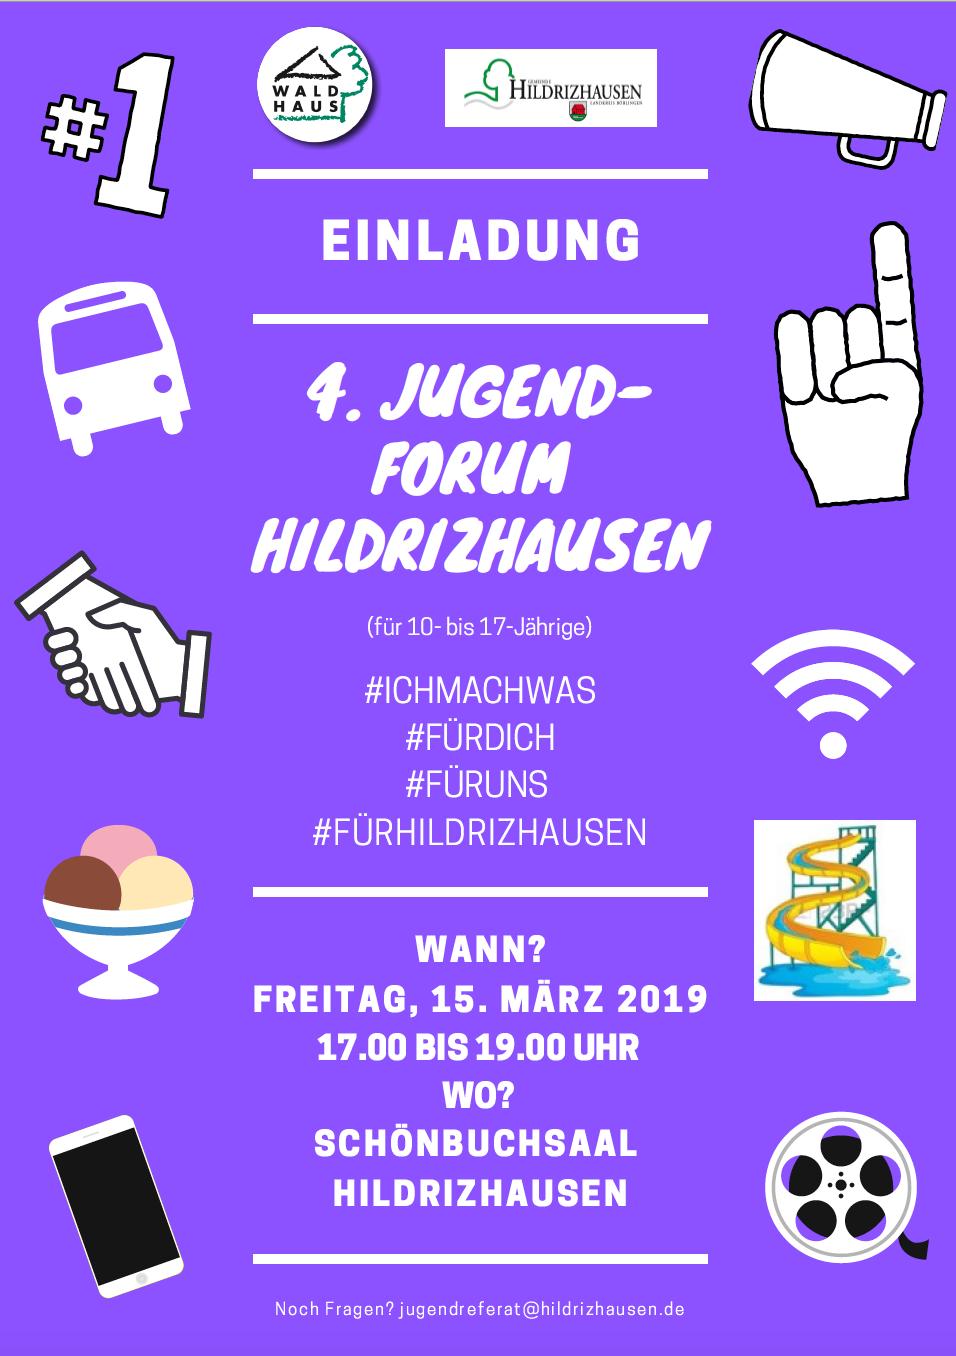 4. Jugendforum Hildrizhausen